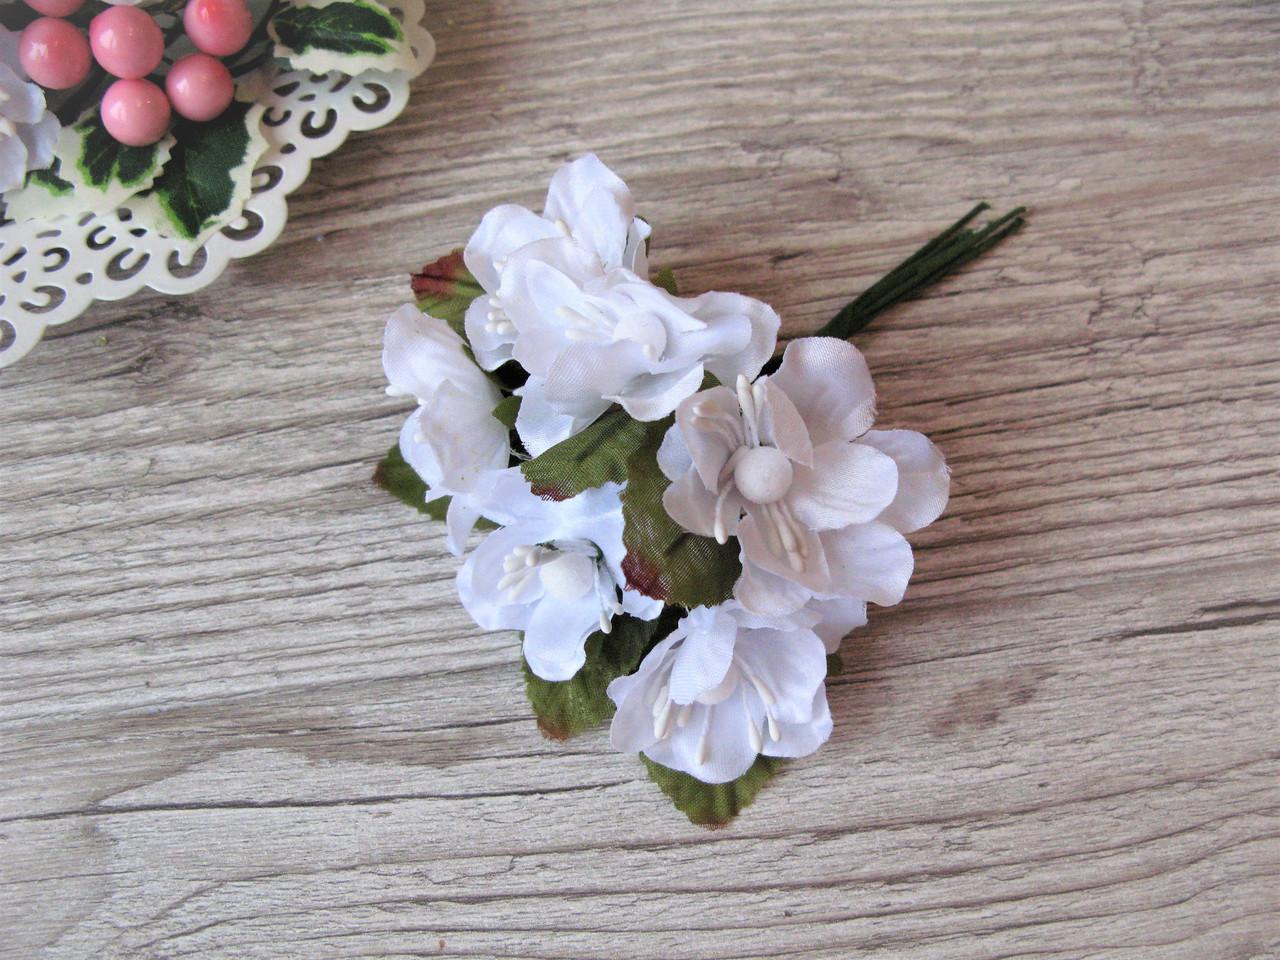 Цветы вишни (яблони) с листиками цвет белый.